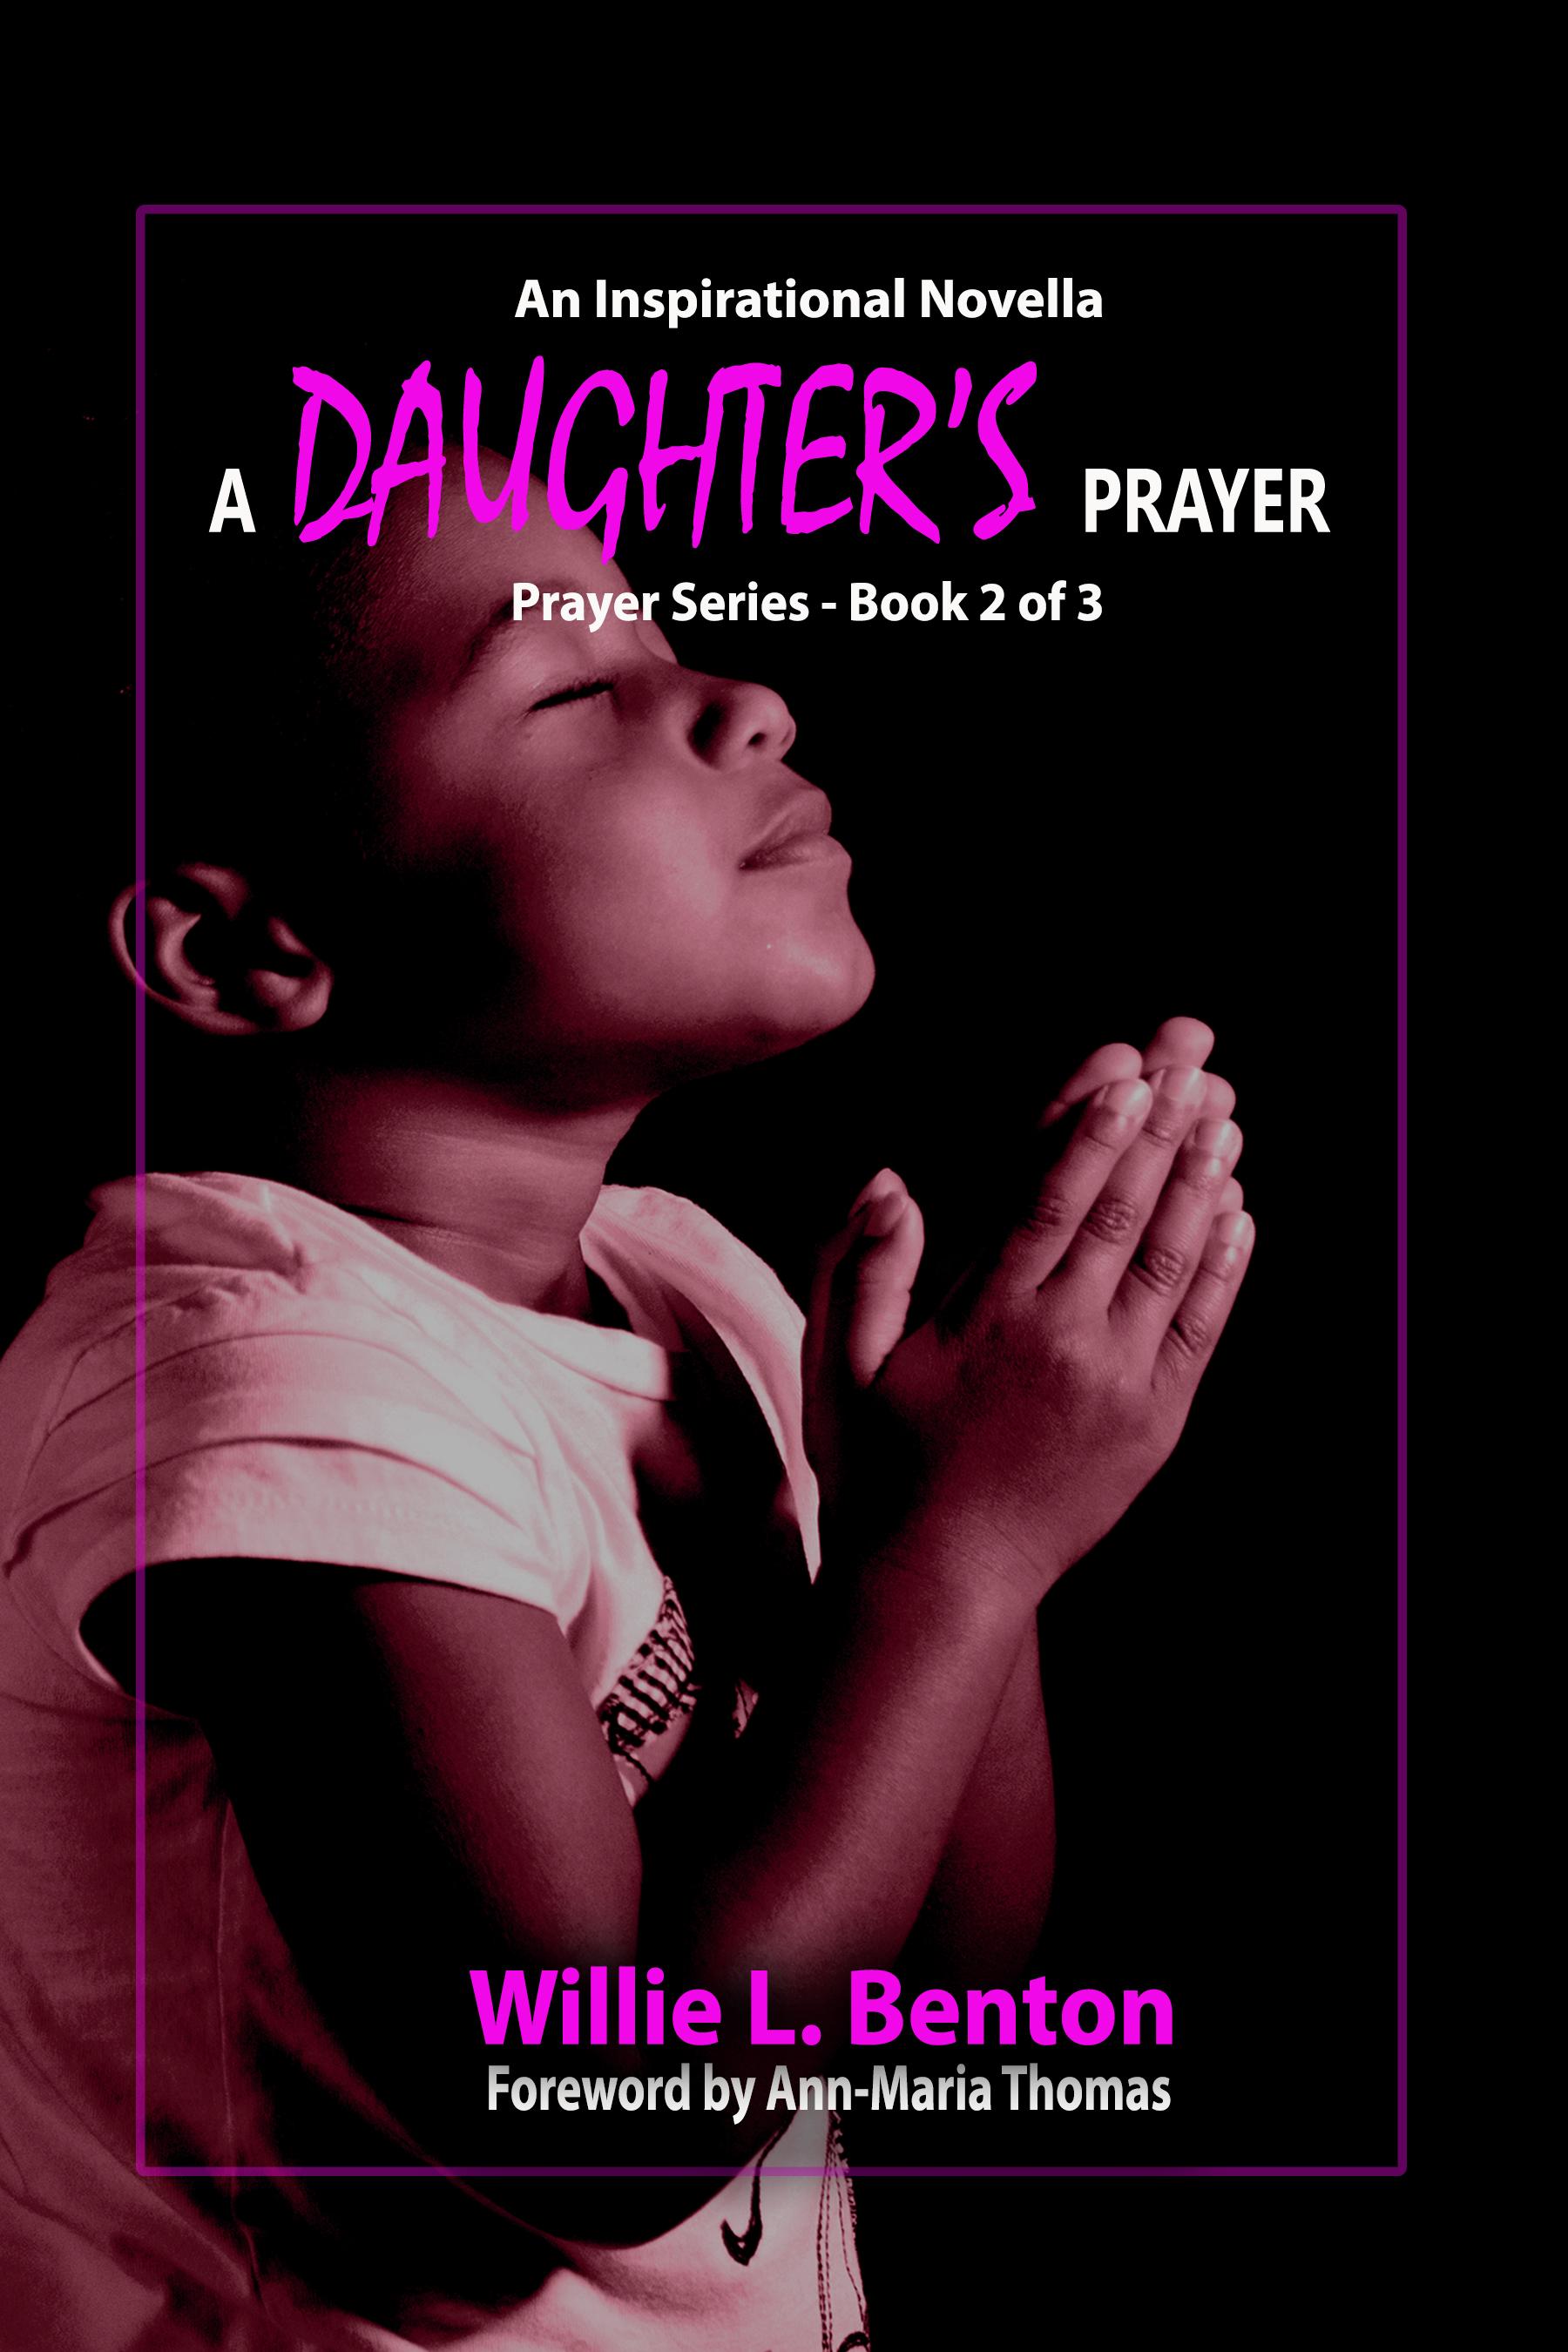 A Daughter's Prayer